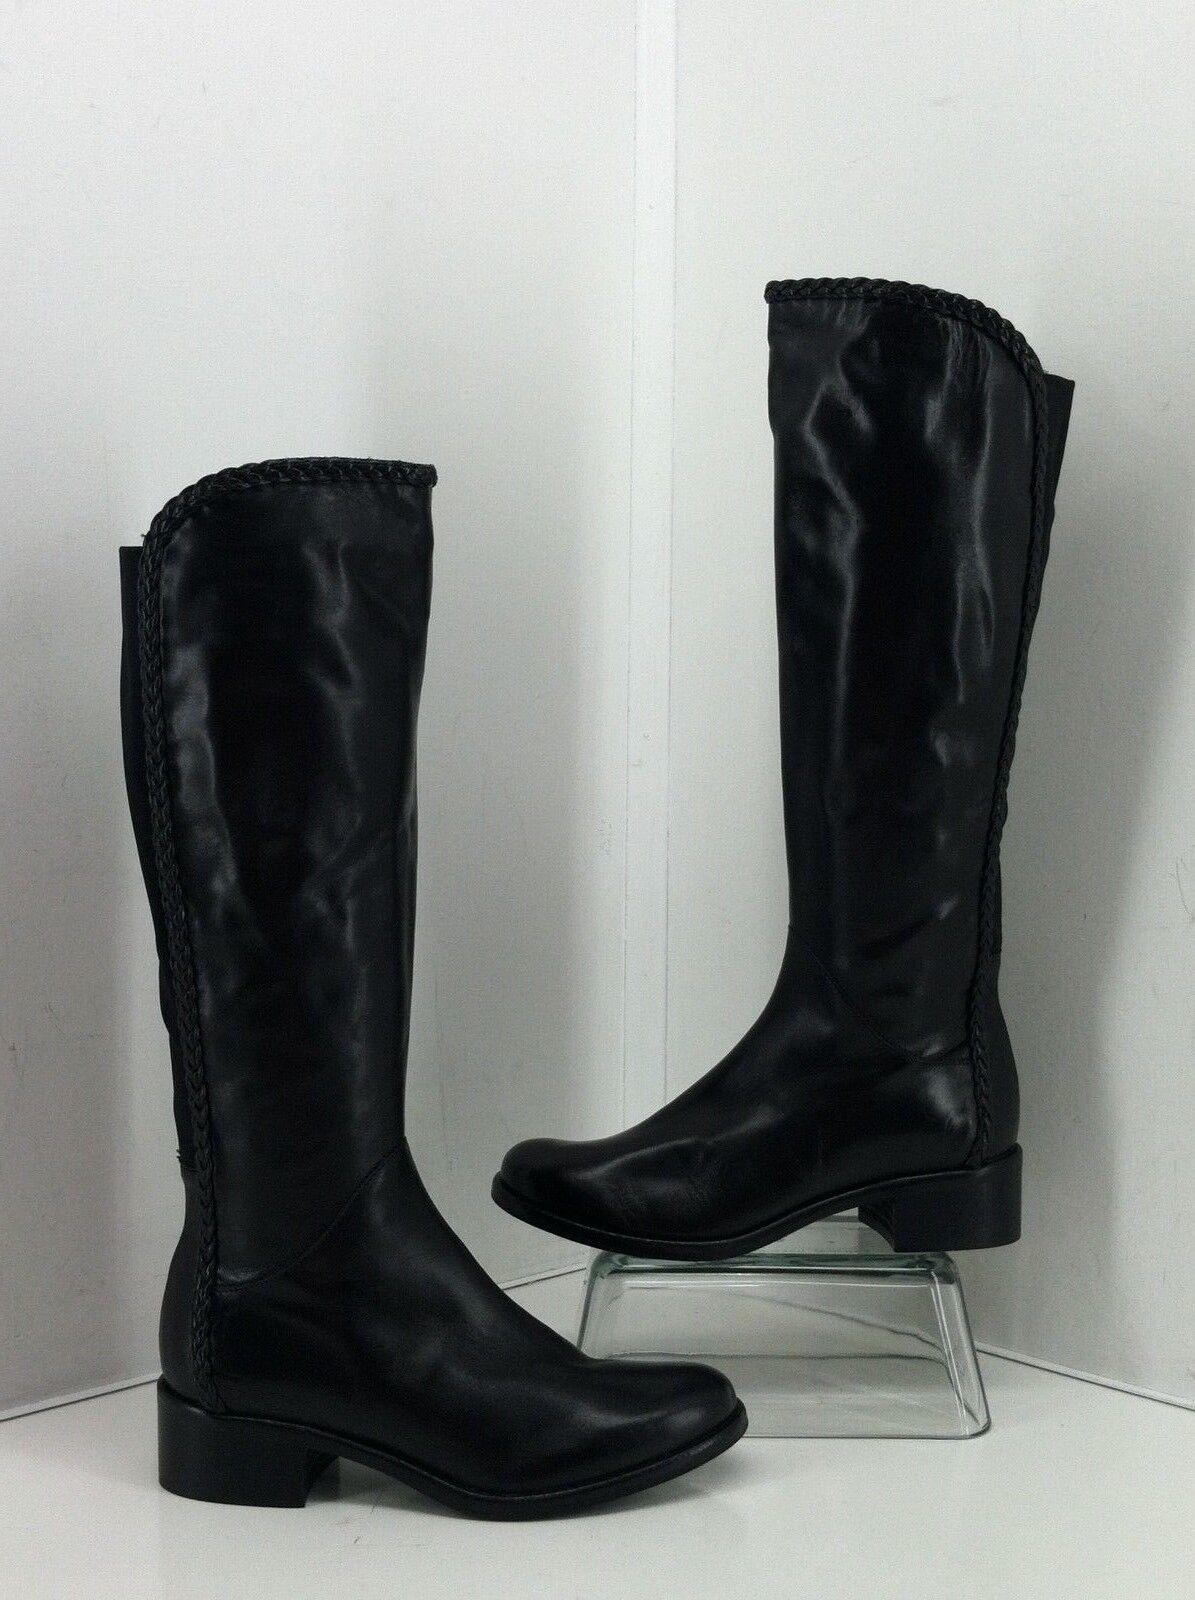 vendita online sconto prezzo basso Sesto Meucci stivali Dimensione 7.5 M Nattie nero Braided Accent Accent Accent Tall Leather  scelta migliore